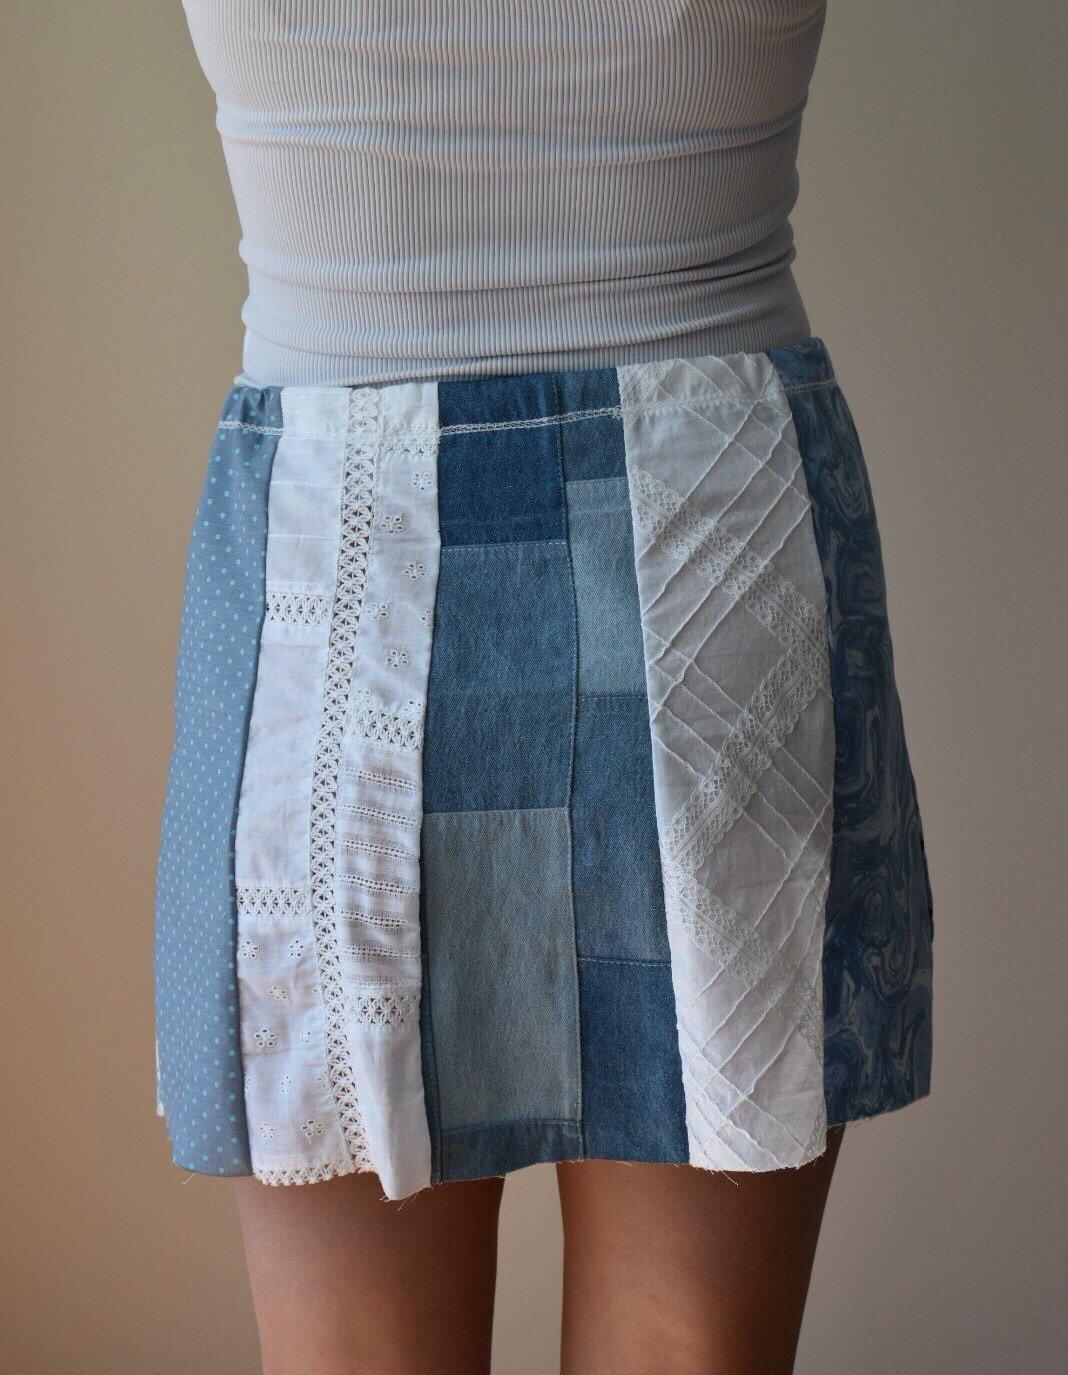 8259f55261338 Skirt Beach cover up beach skirt beachwear summer skirt | Etsy